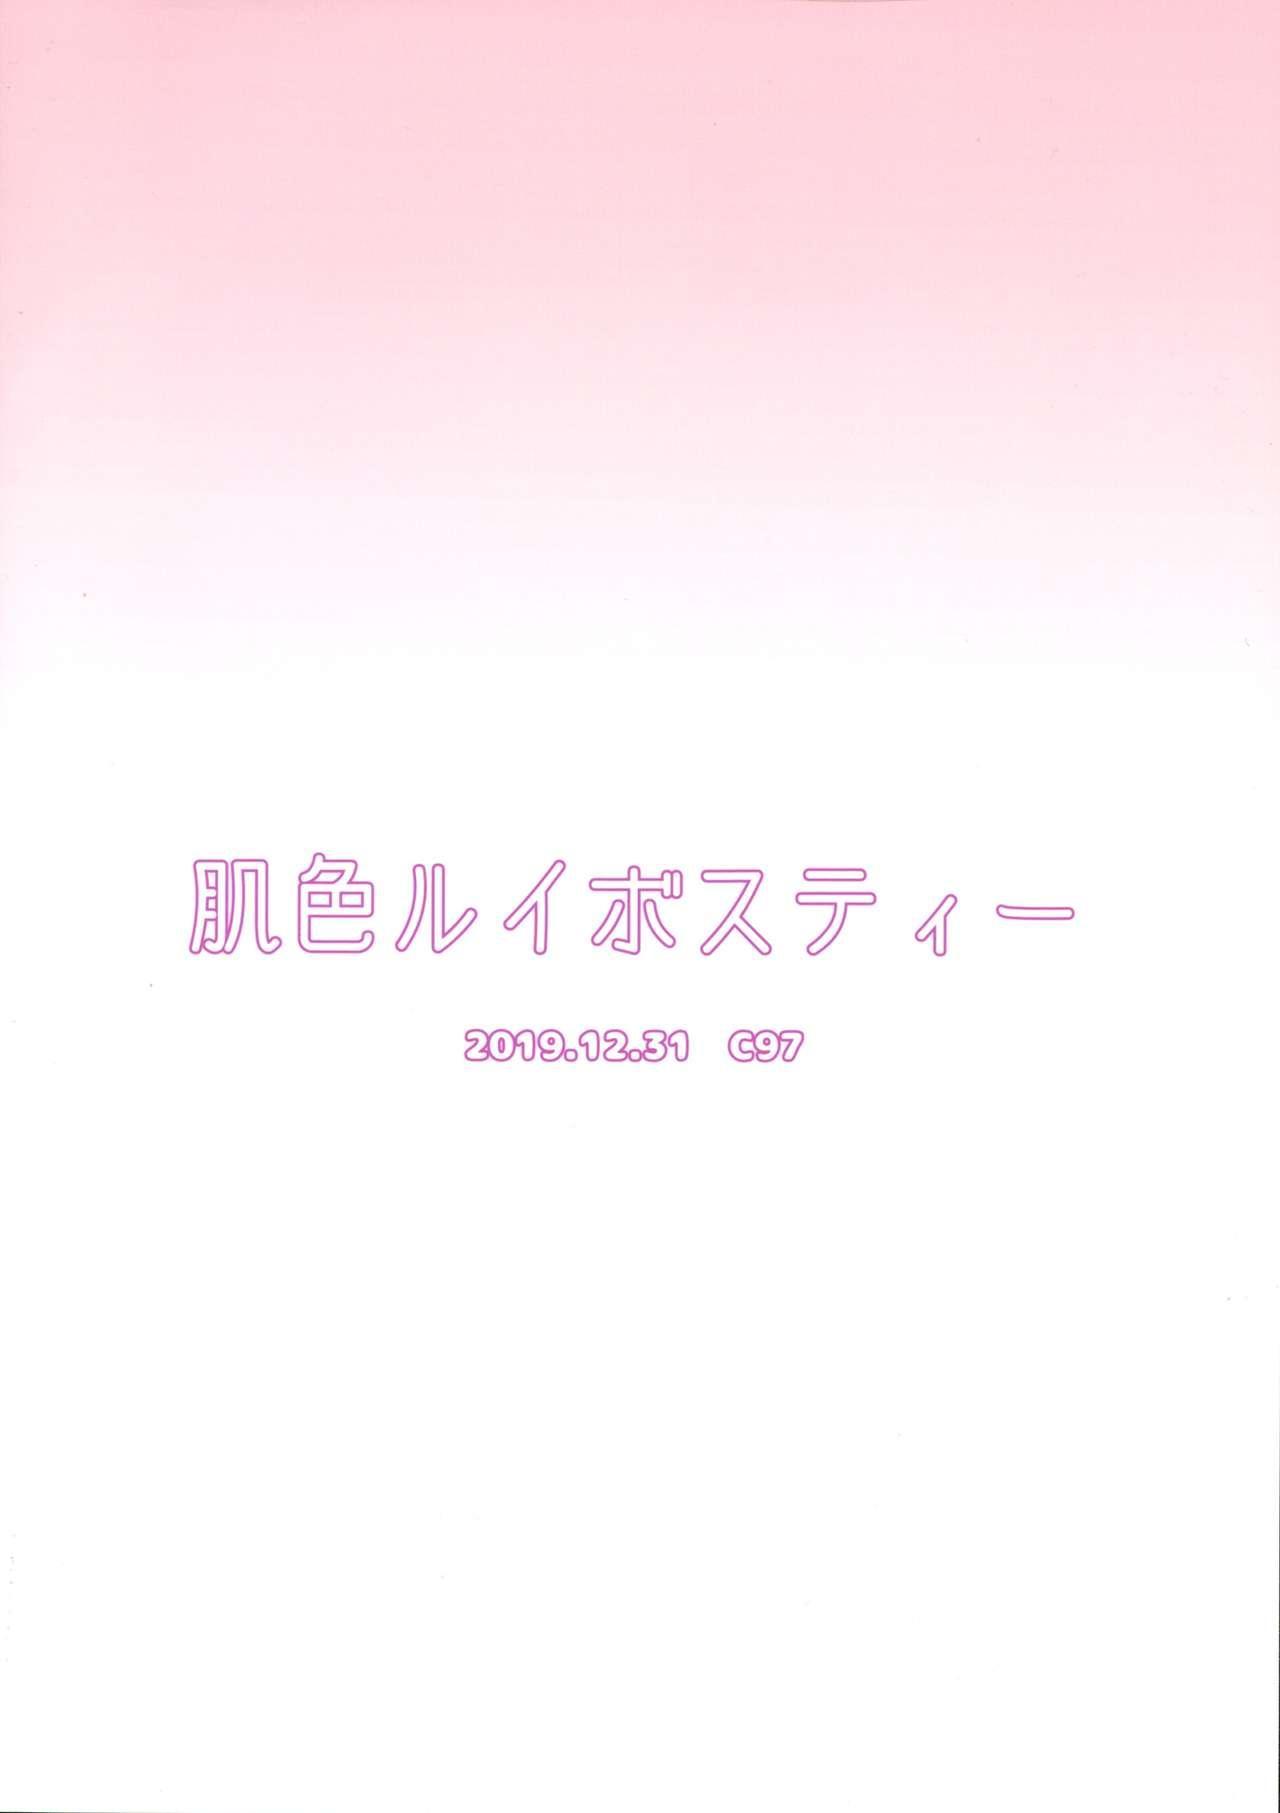 (C97) [Hadairo Rooibos Tea (Pandain)] Futanari Reimu-san to Koibito Ecchi Shima-su (Touhou Project) 1